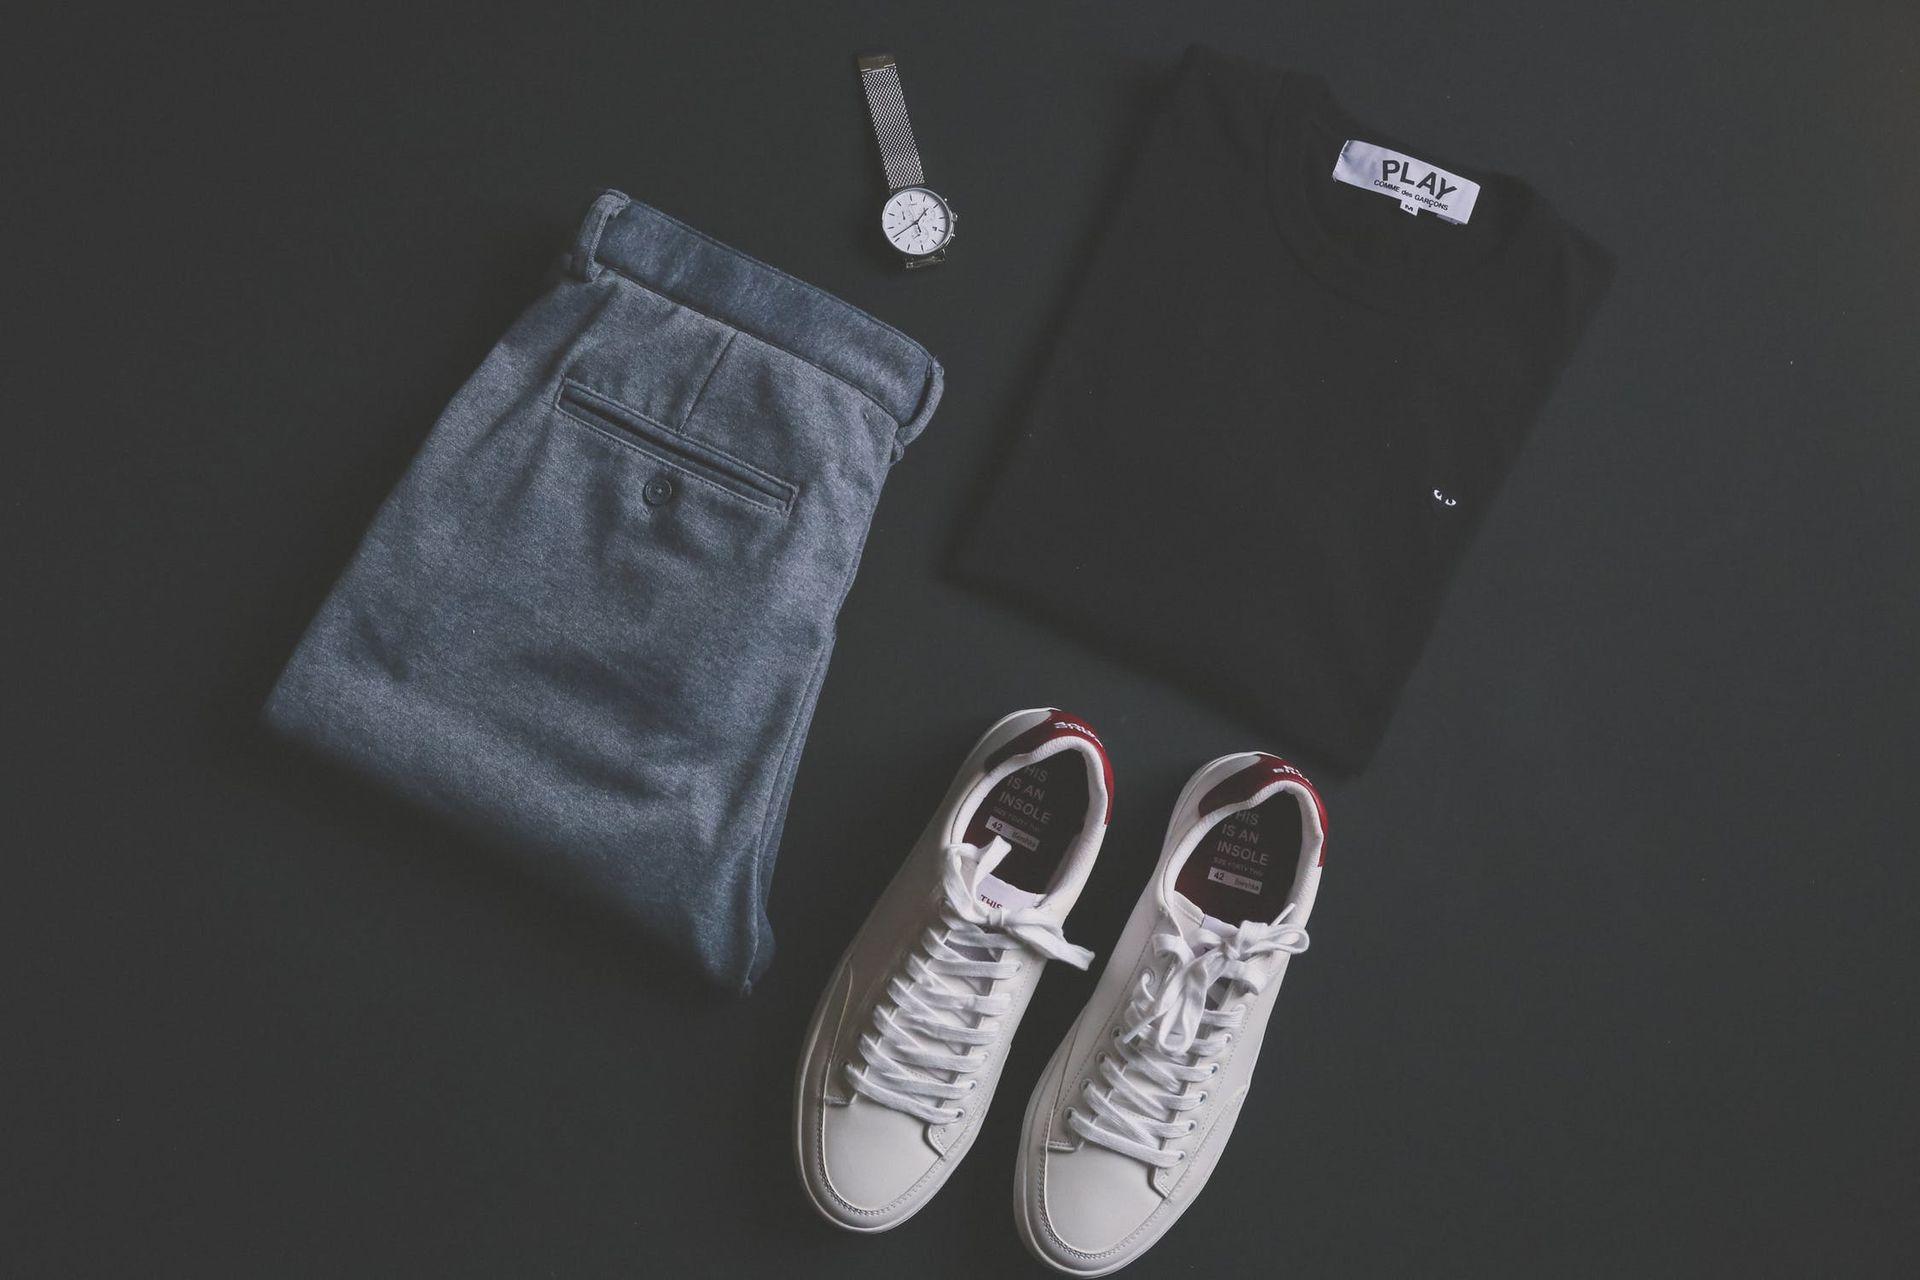 Które spodnie z materiału wybrać – chinosy czy joggery?